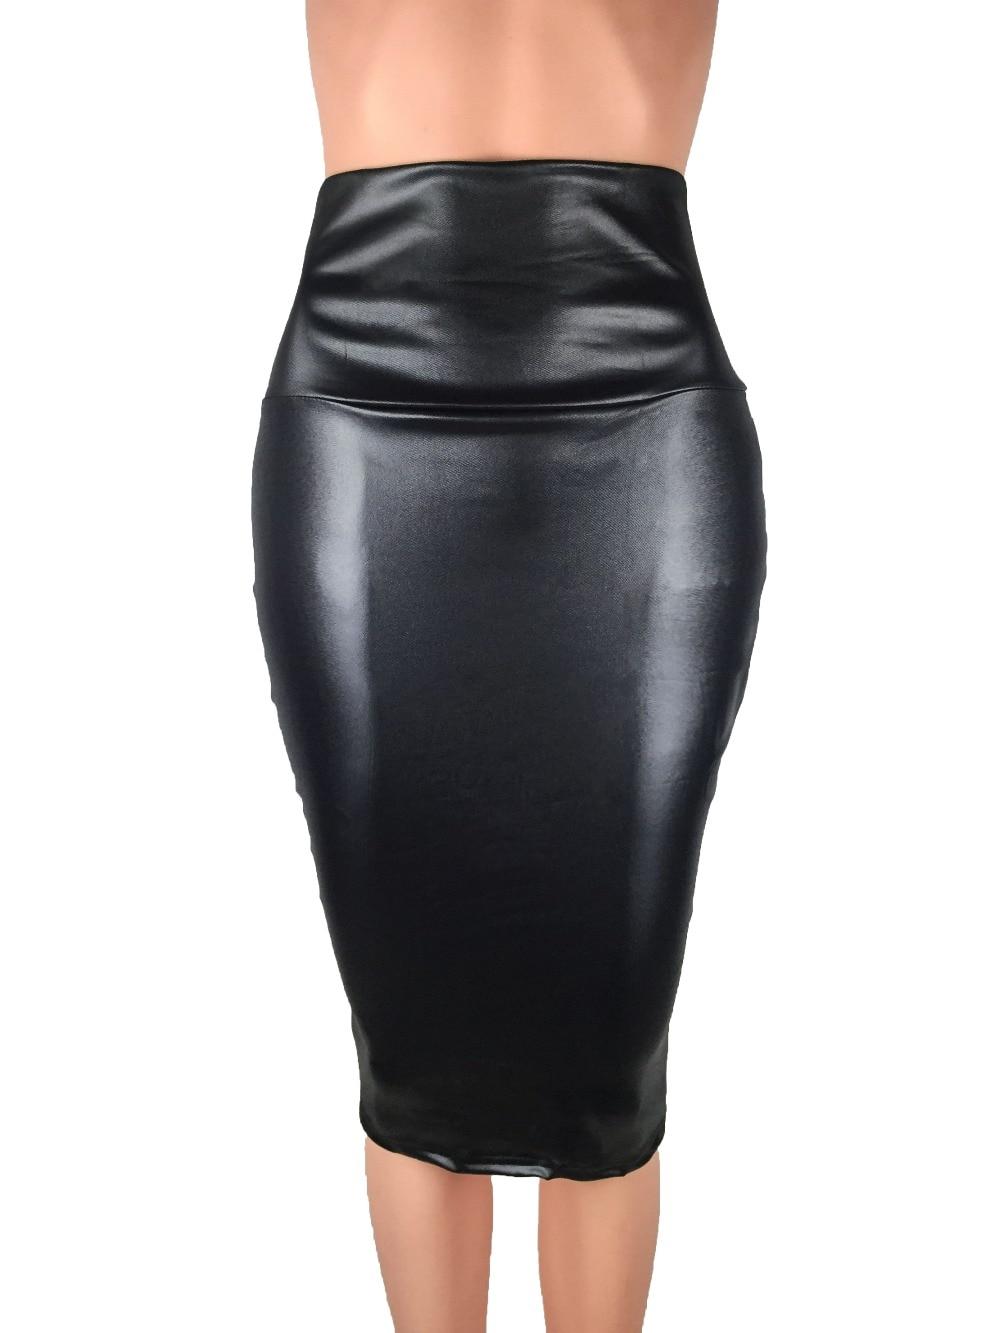 Bohocotol 2018 ceruza műbőr szoknya női alkalmi és méretű - Női ruházat